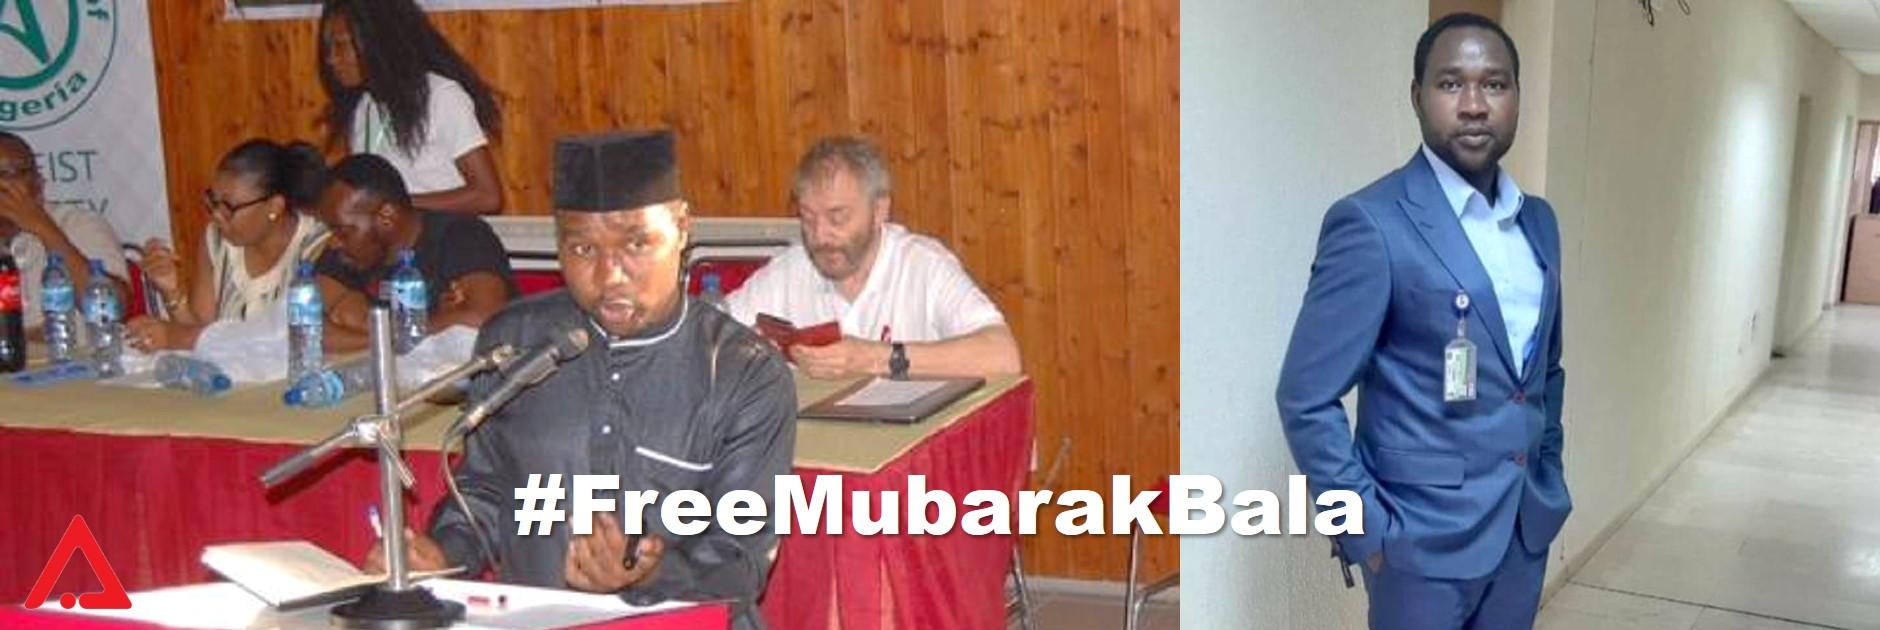 #freemumbarakbala